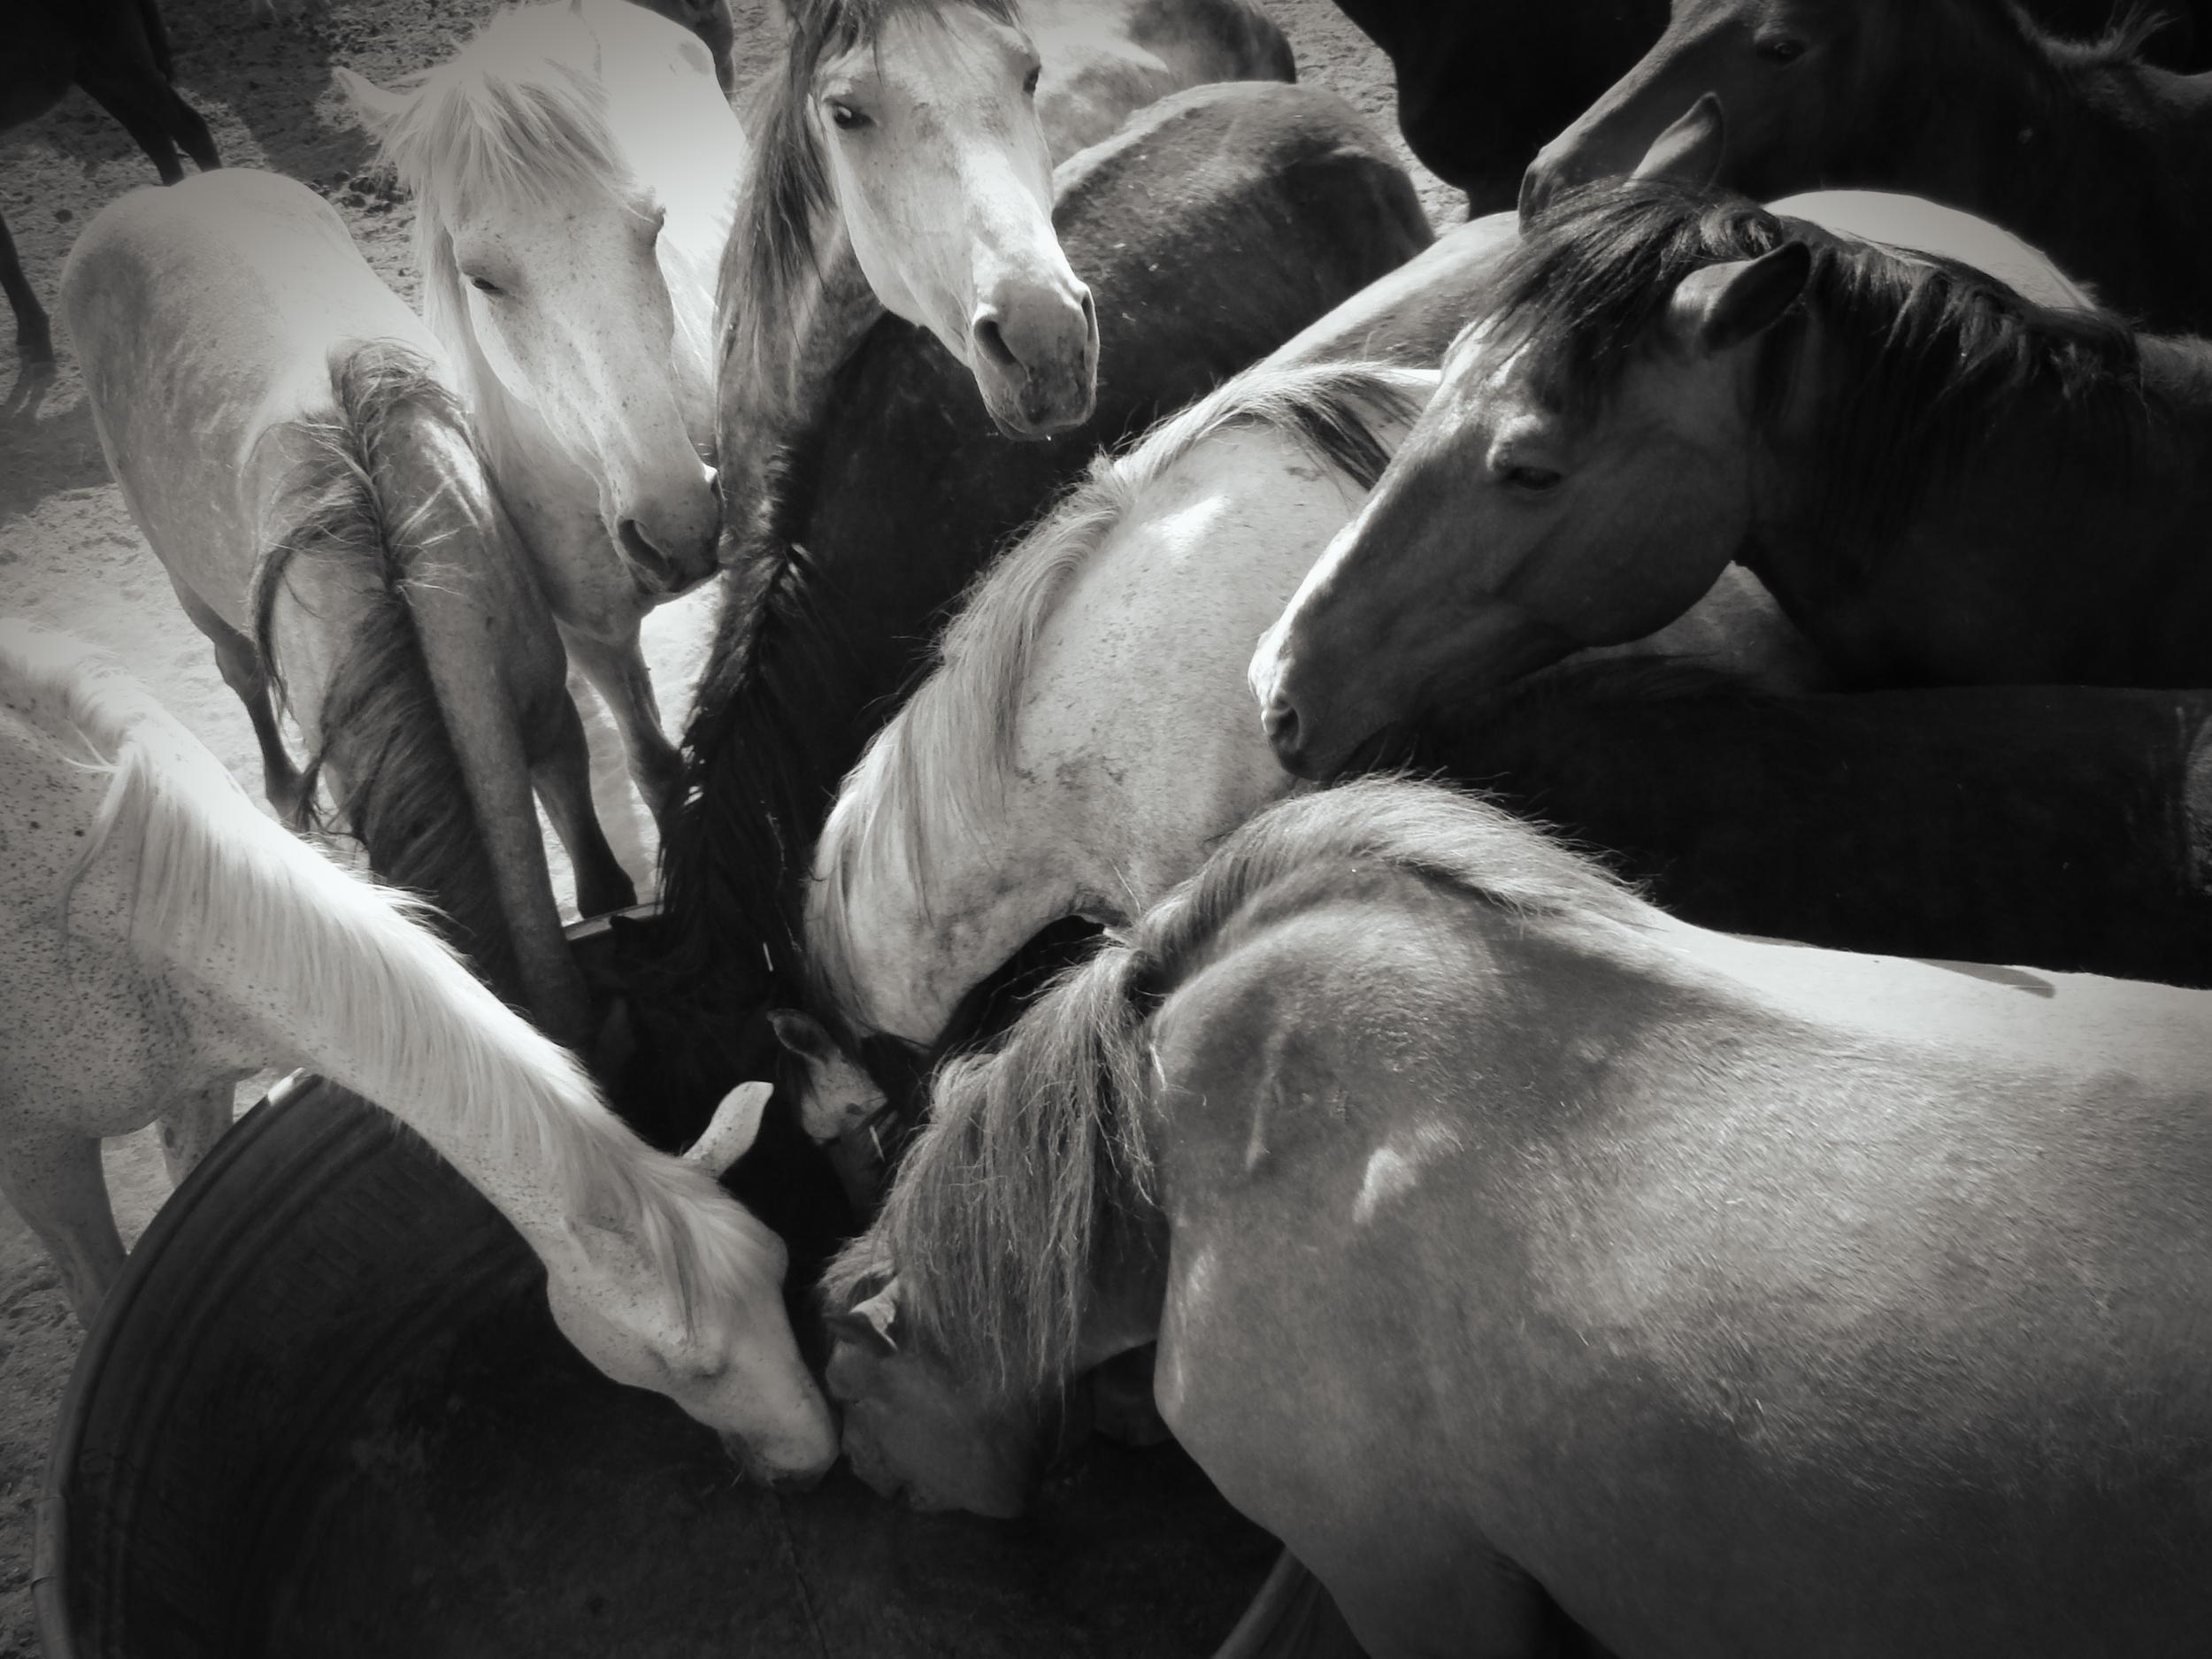 HORSES DRINKING.